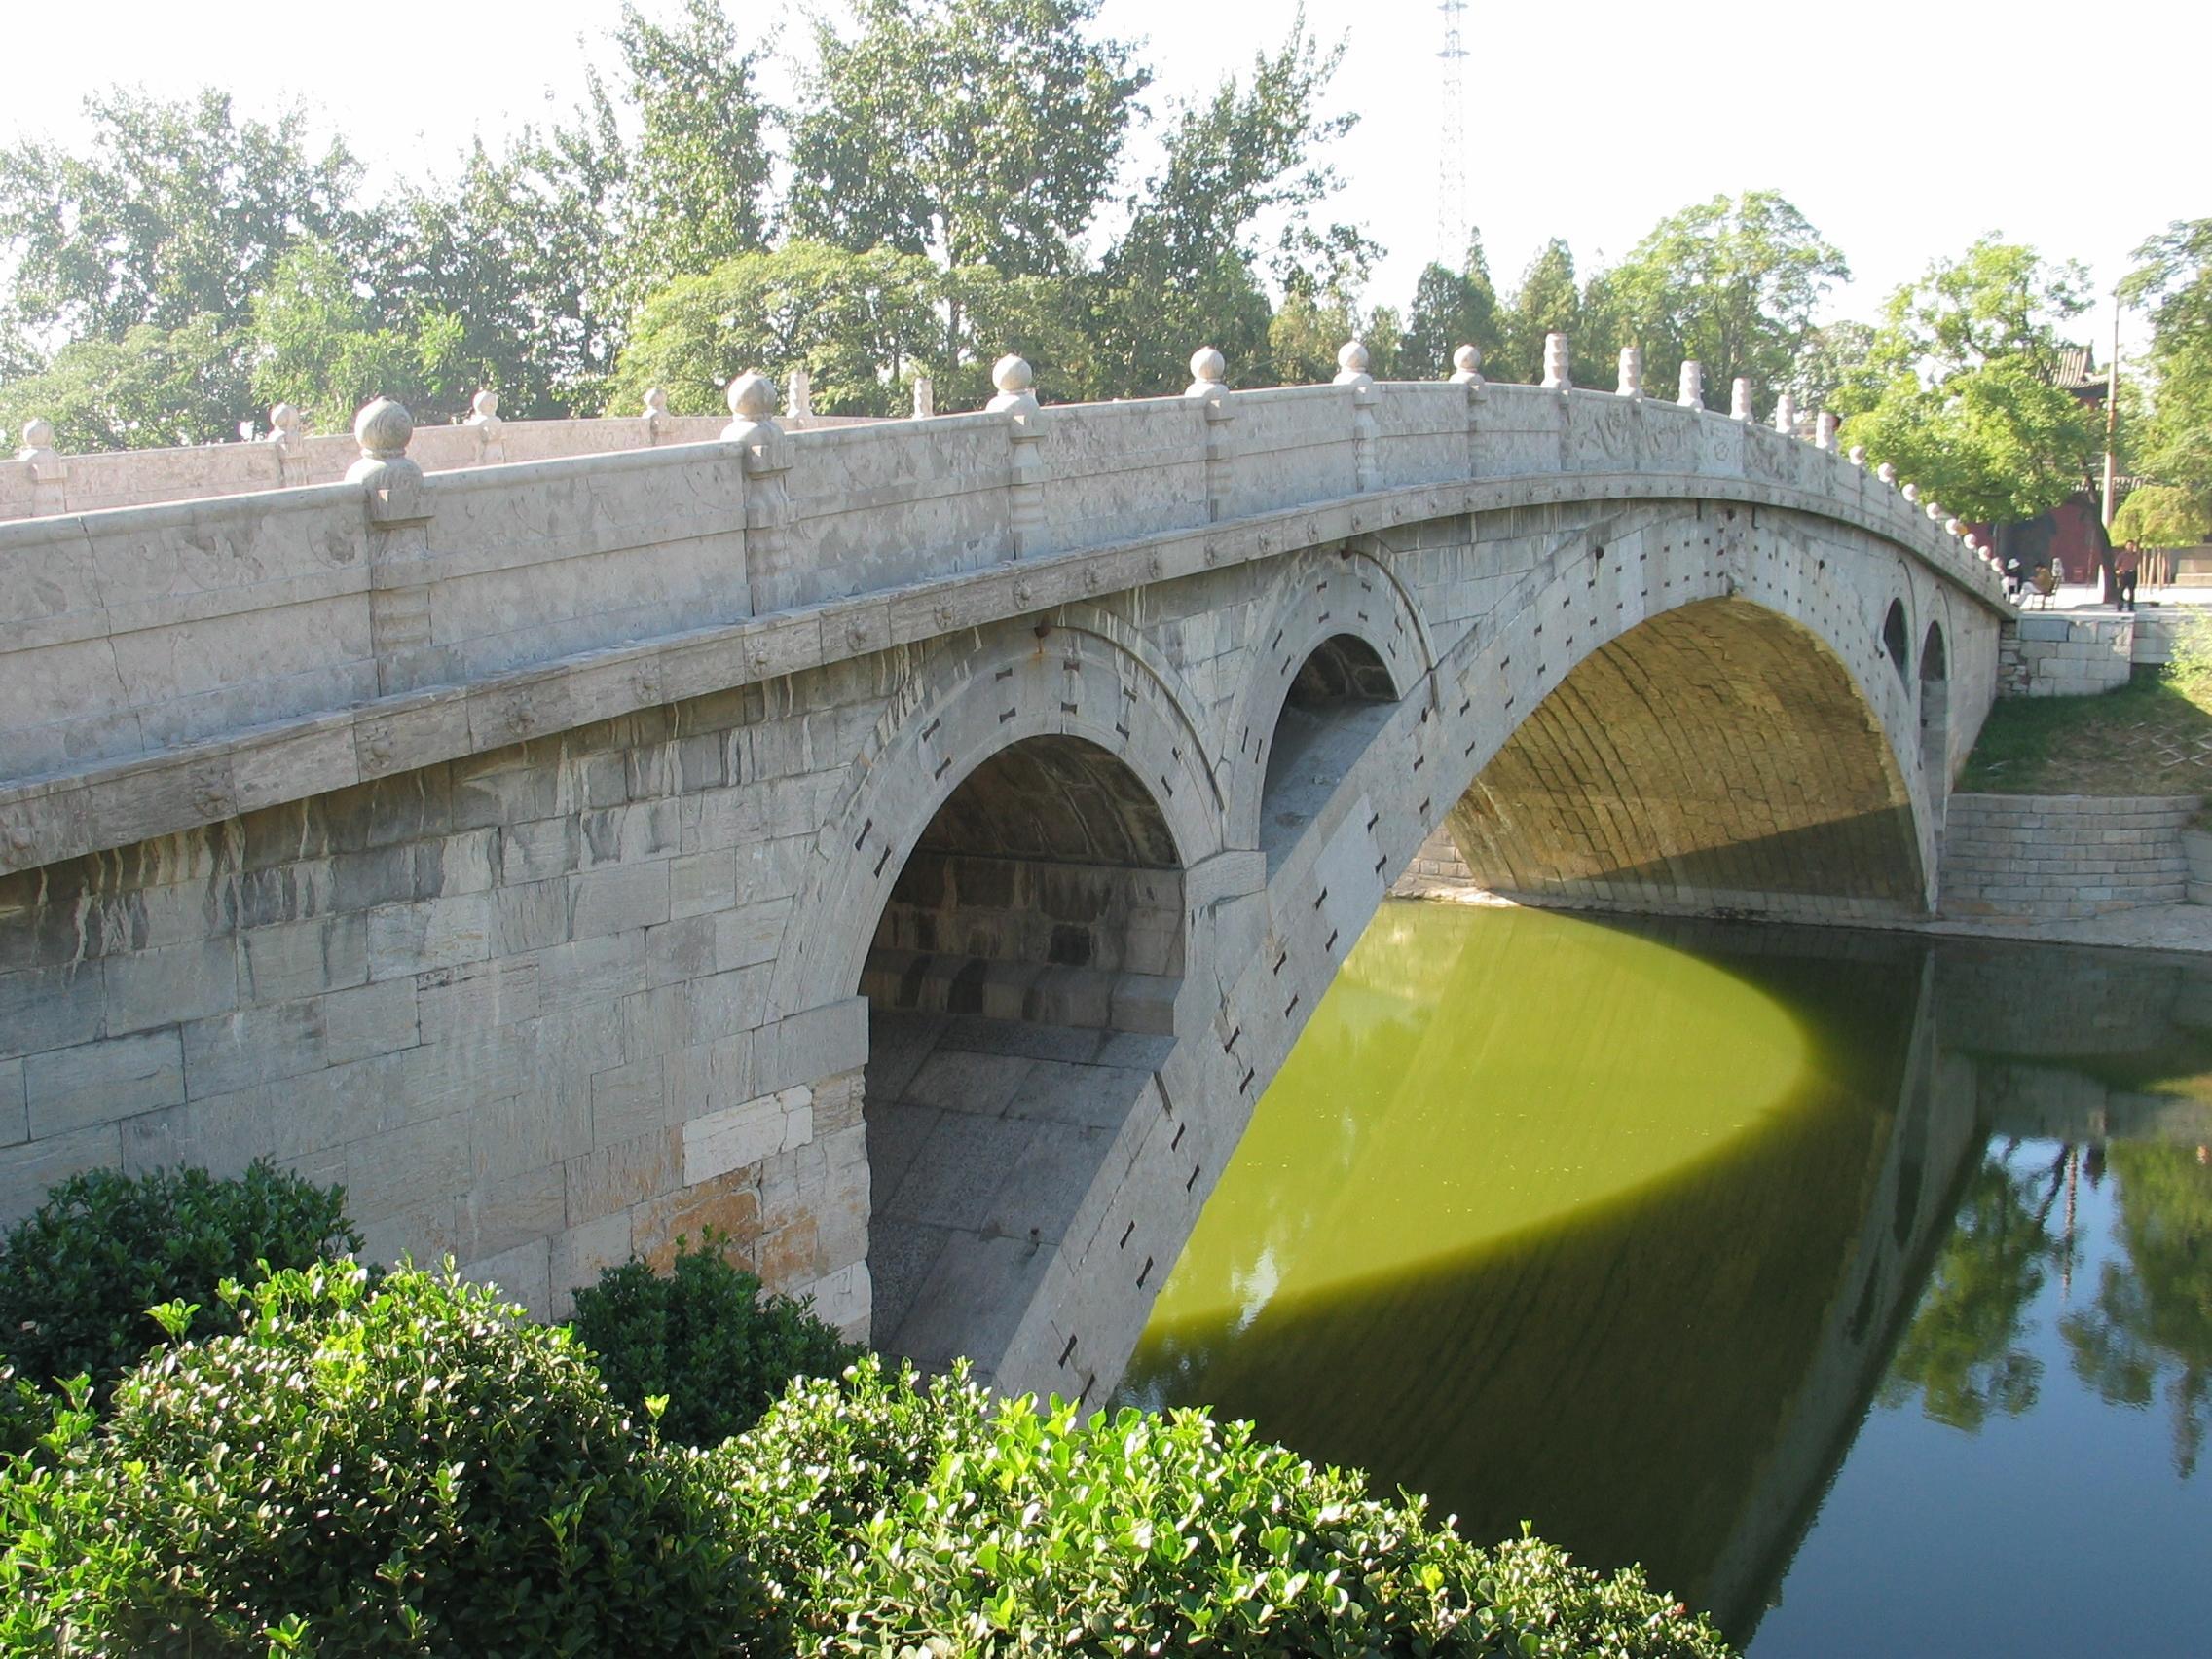 Arhitektura koja spaja ljude - Mostovi - Page 3 Zhaozhou_Bridge